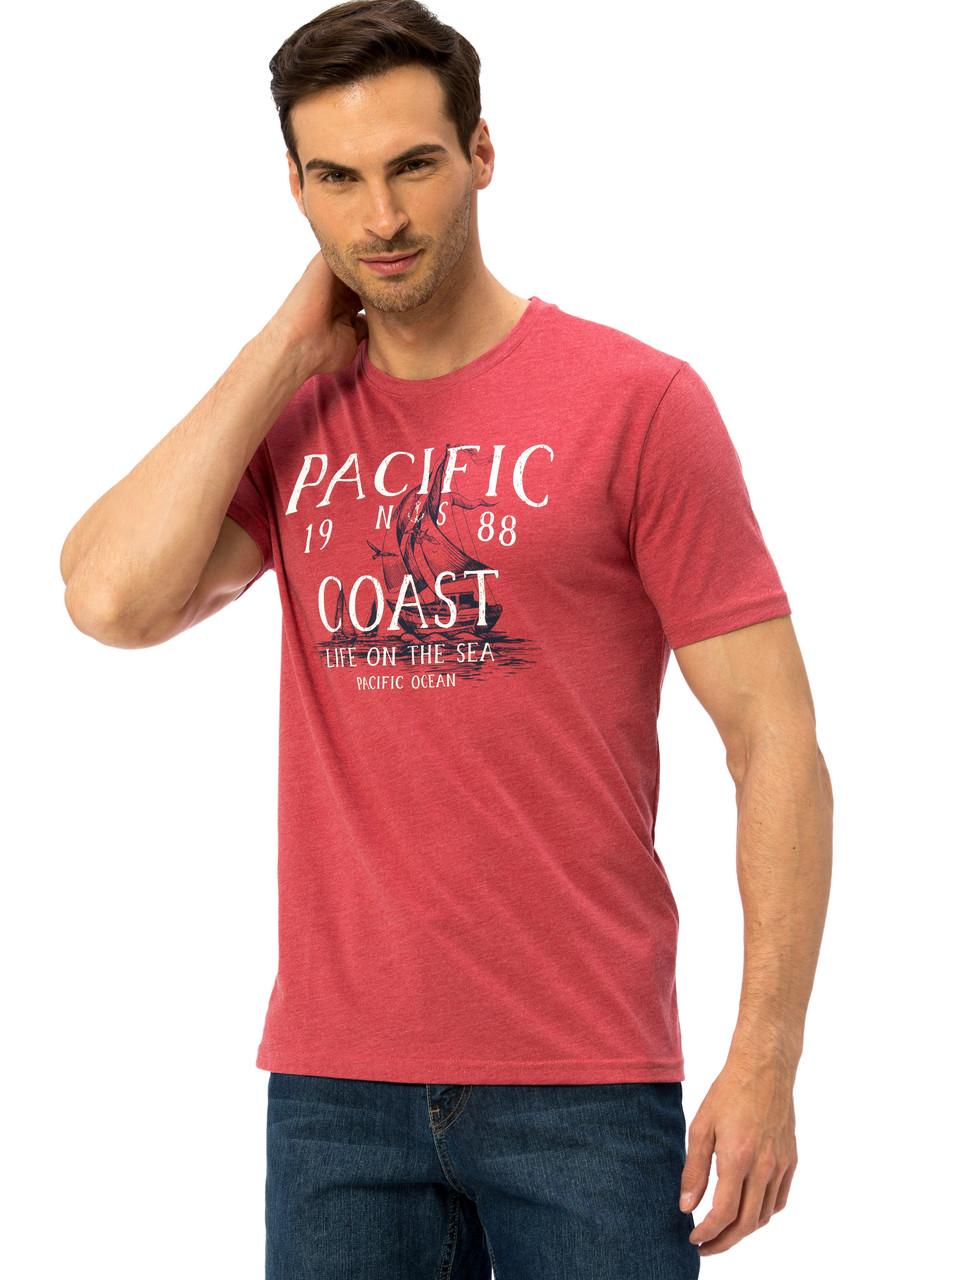 Коралловая мужская футболка LC Waikiki / ЛС Вайкики Pacific Coast